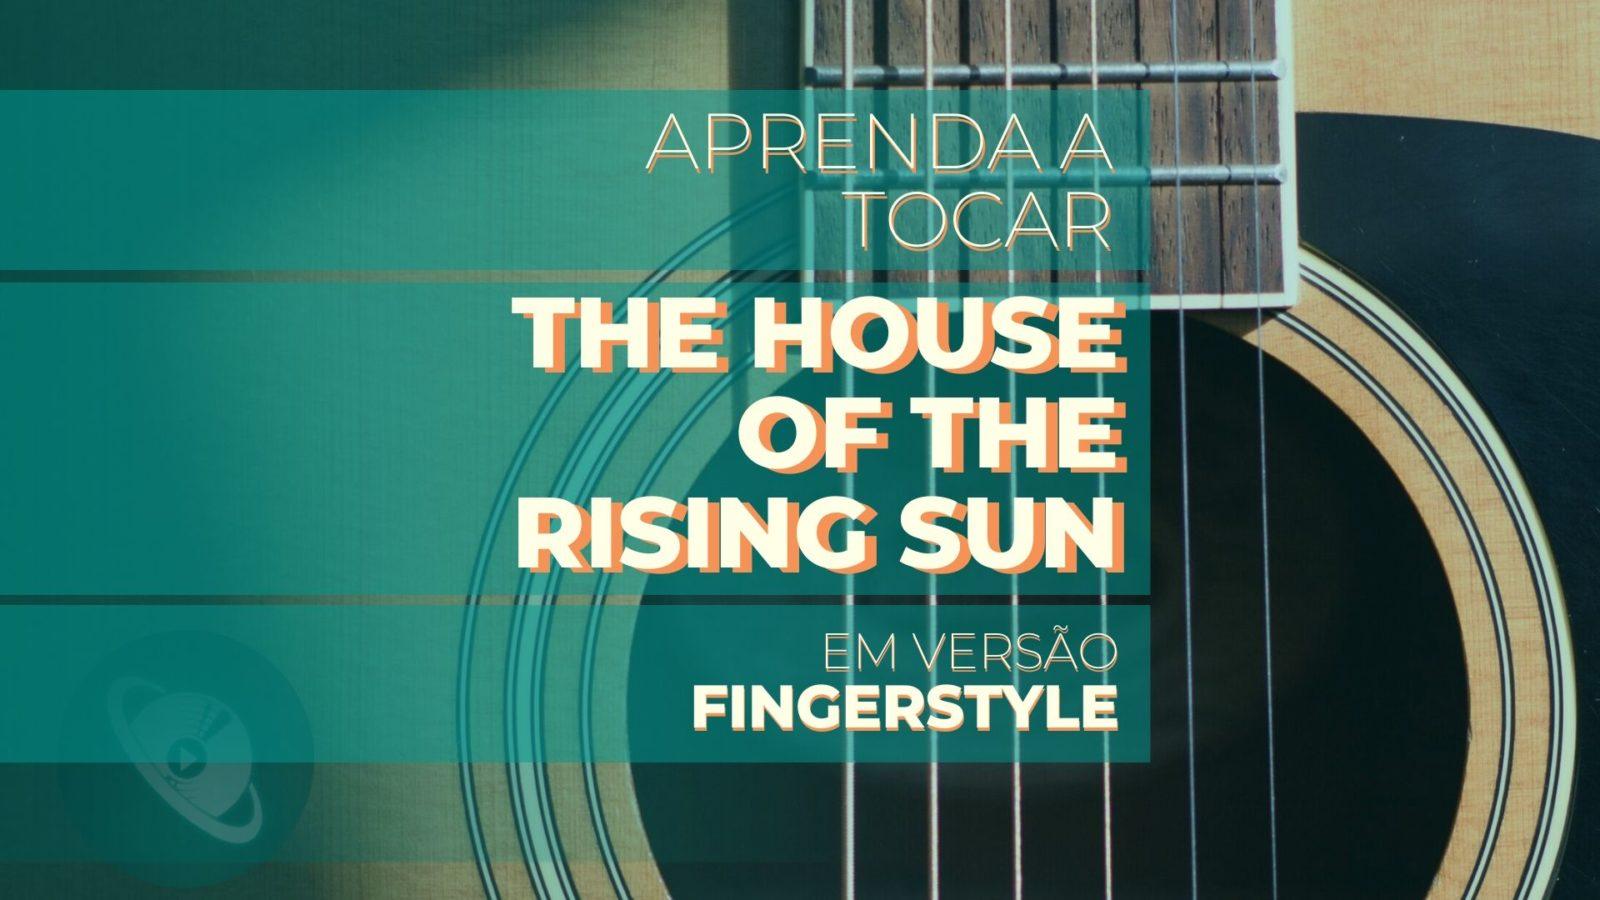 """Aprenda a tocar """"The house of the rising sun"""" - versão Violão Fingerstyle - Planeta Música"""